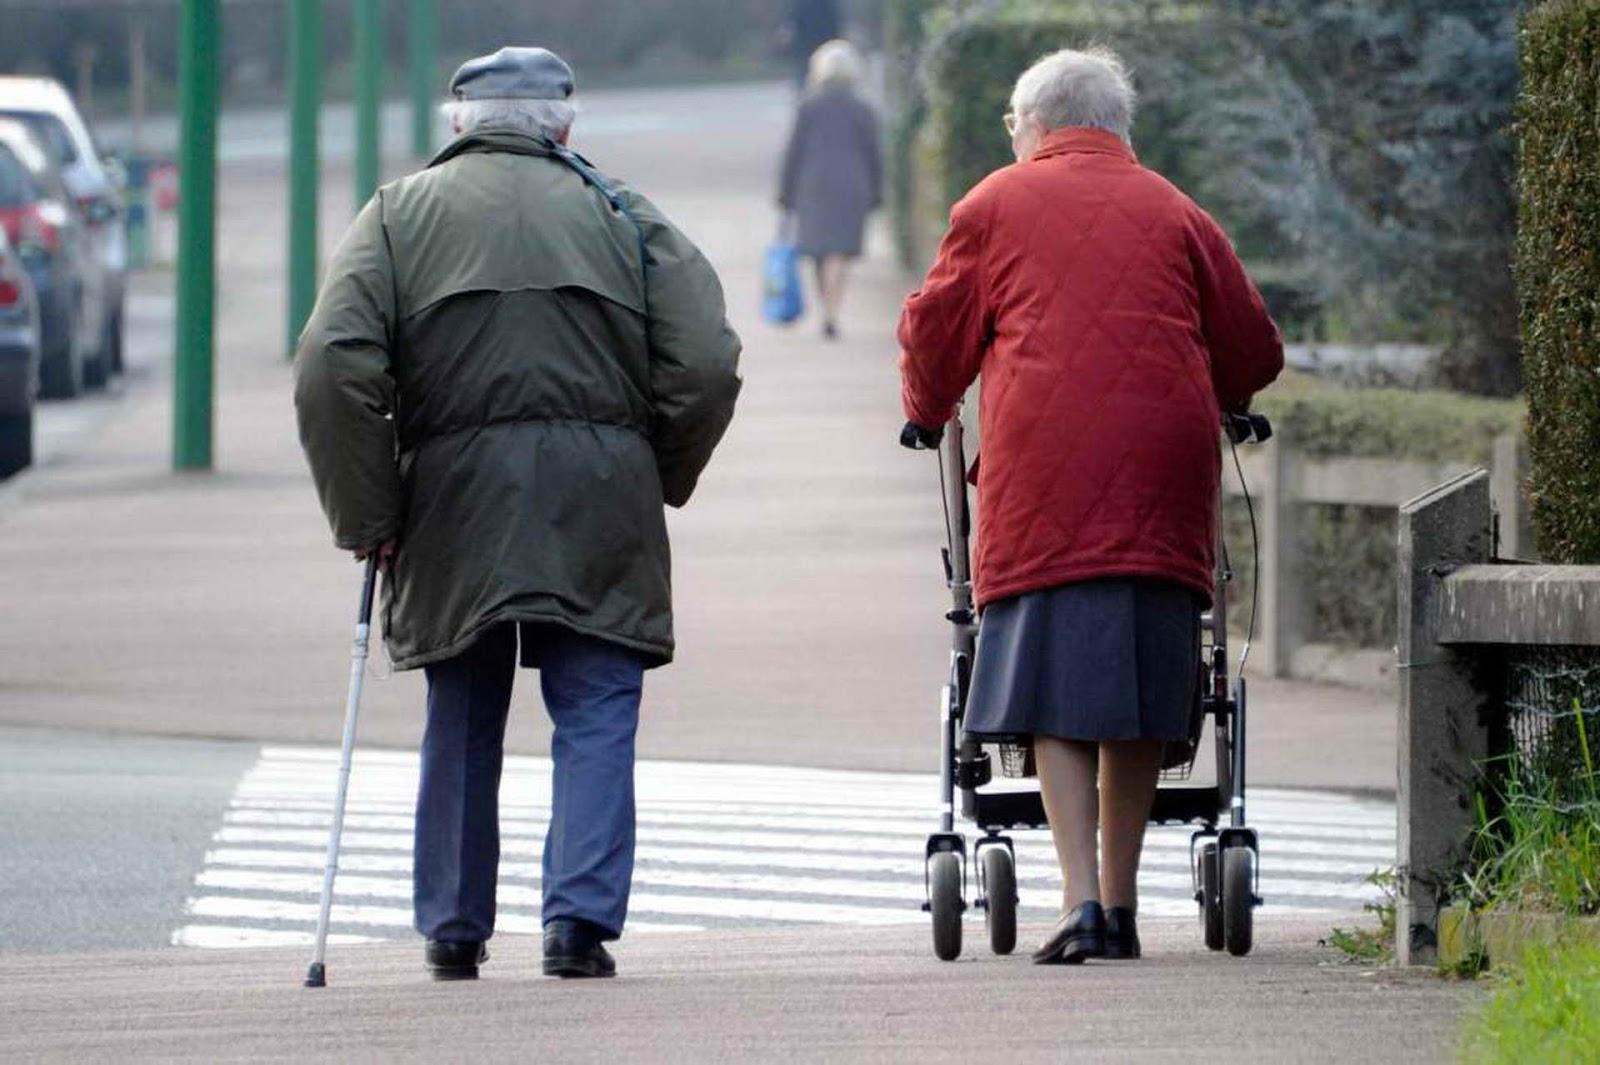 La UGR analiza la discriminación por edad durante la crisis del coronavirus